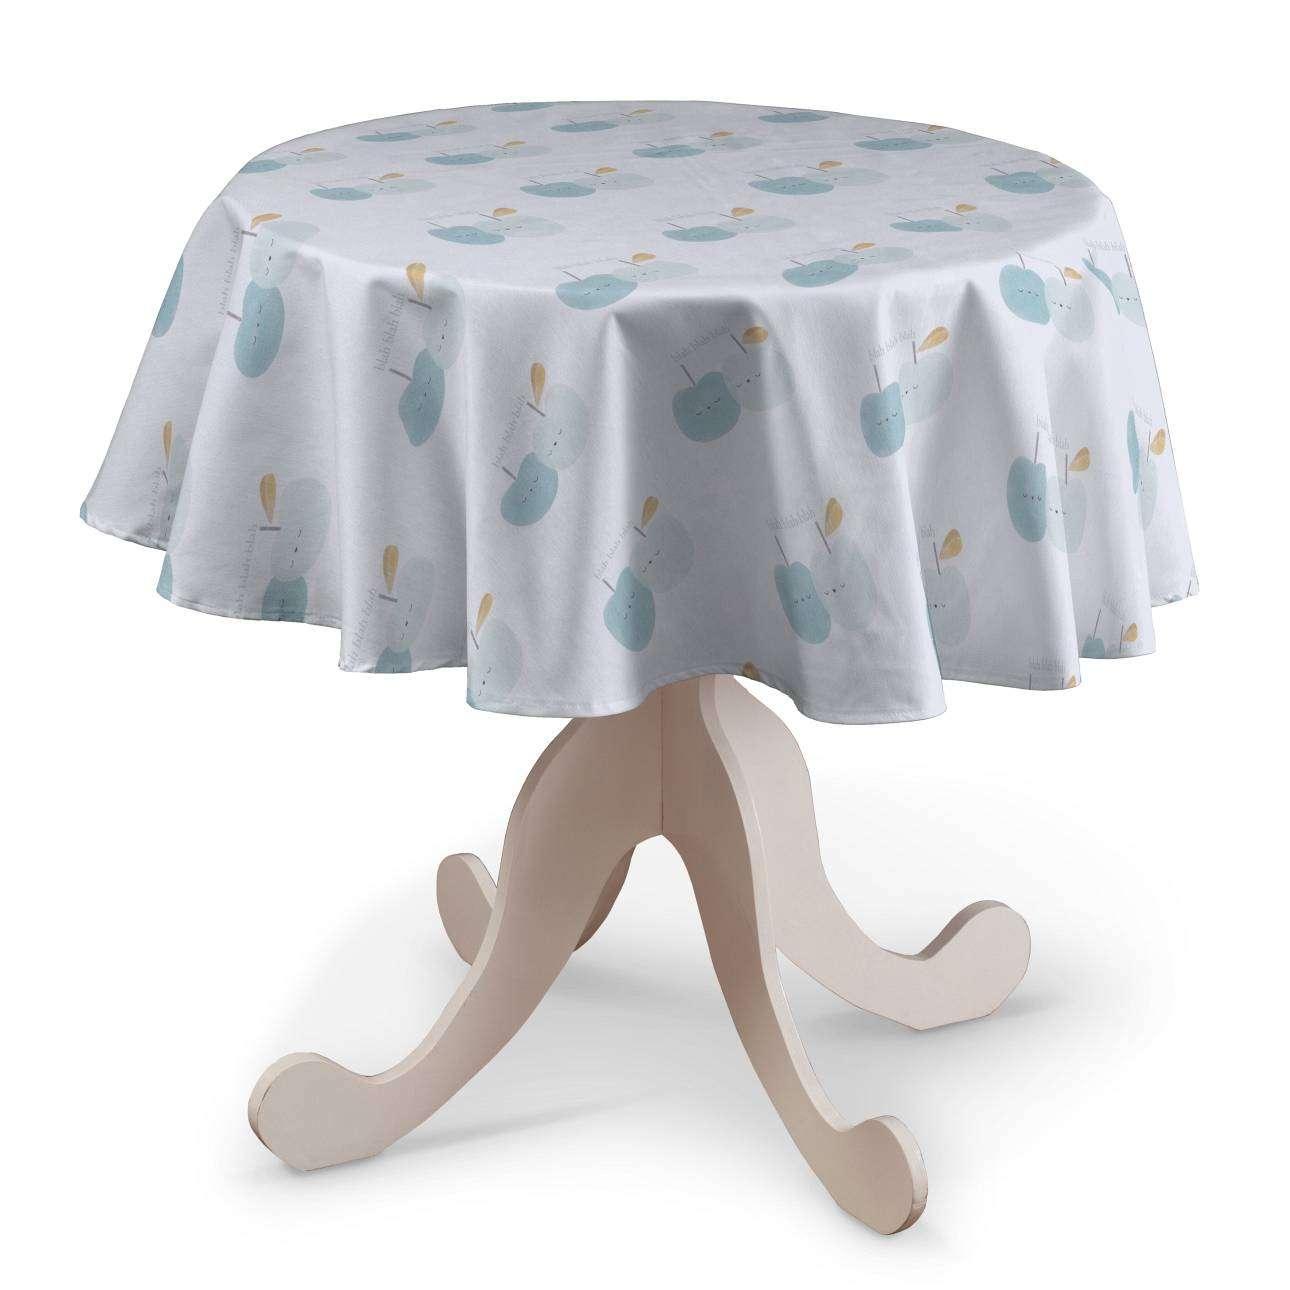 Staltiesės (apvaliam stalui) Ø 135 cm kolekcijoje Apanona, audinys: 151-02